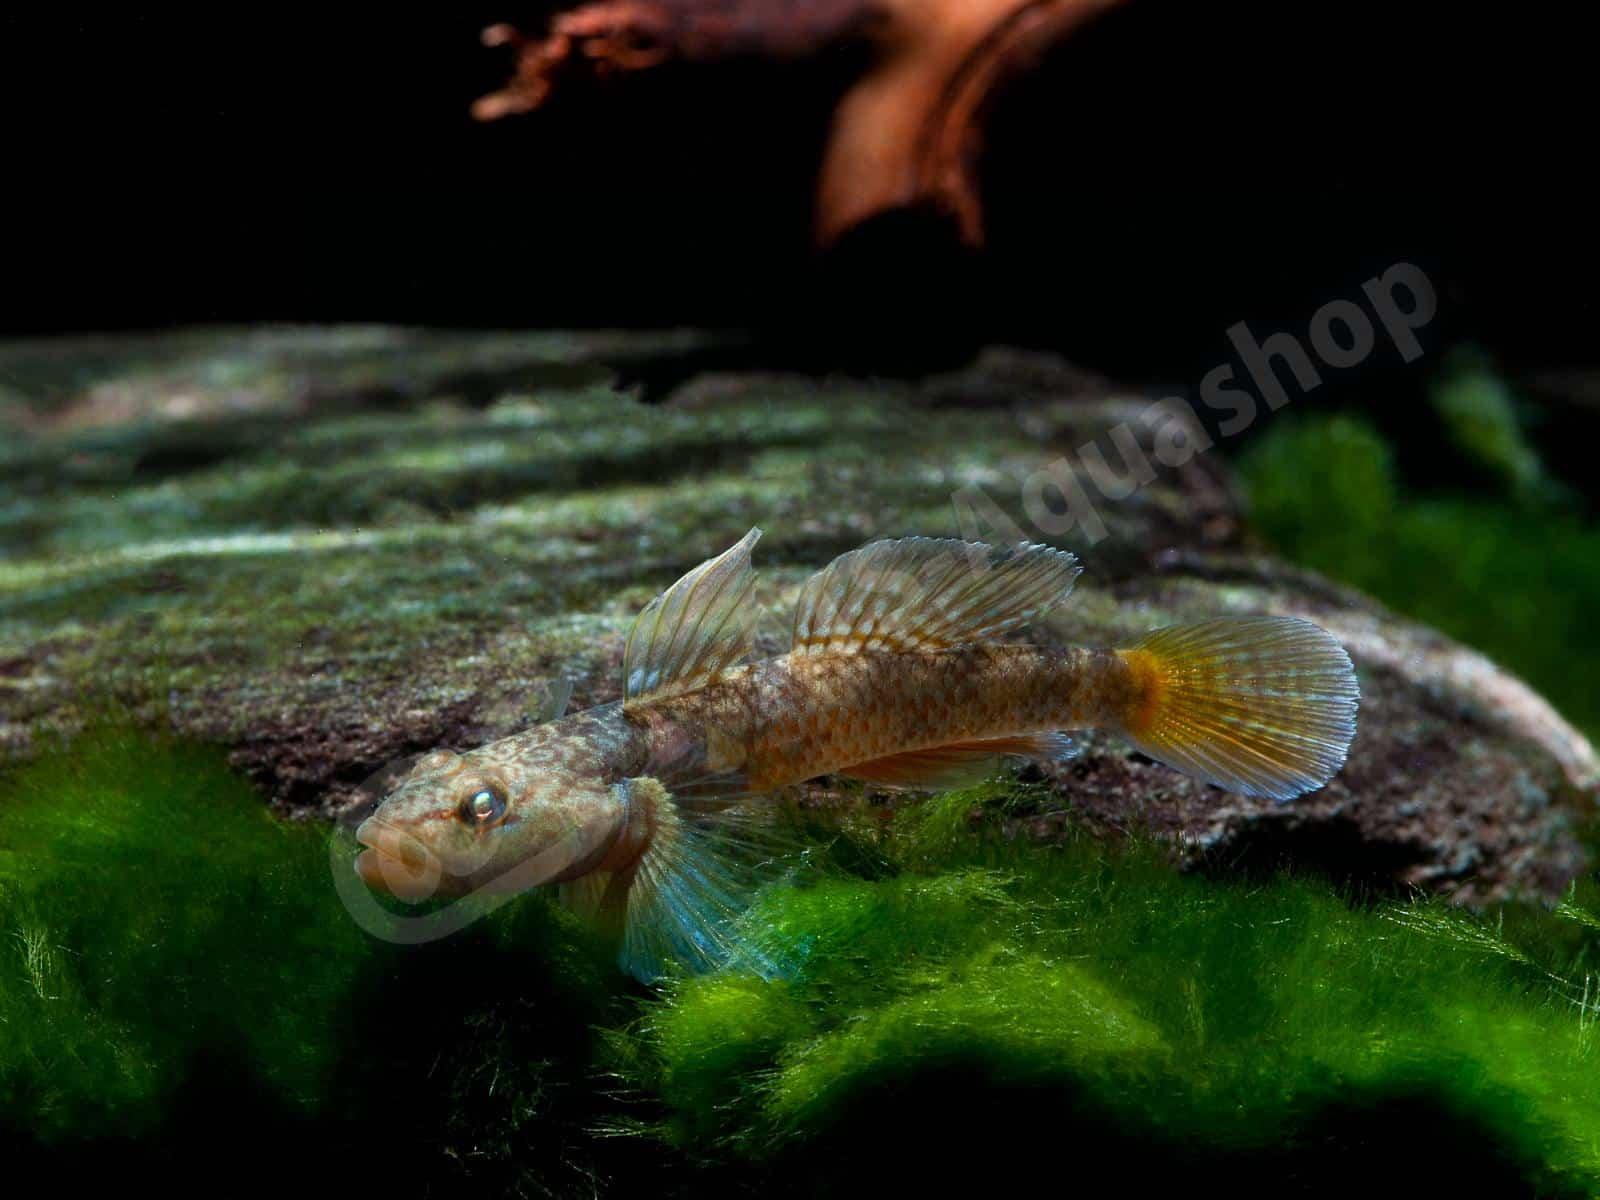 rhinogobius sp hong kong enrico richter 0097 8